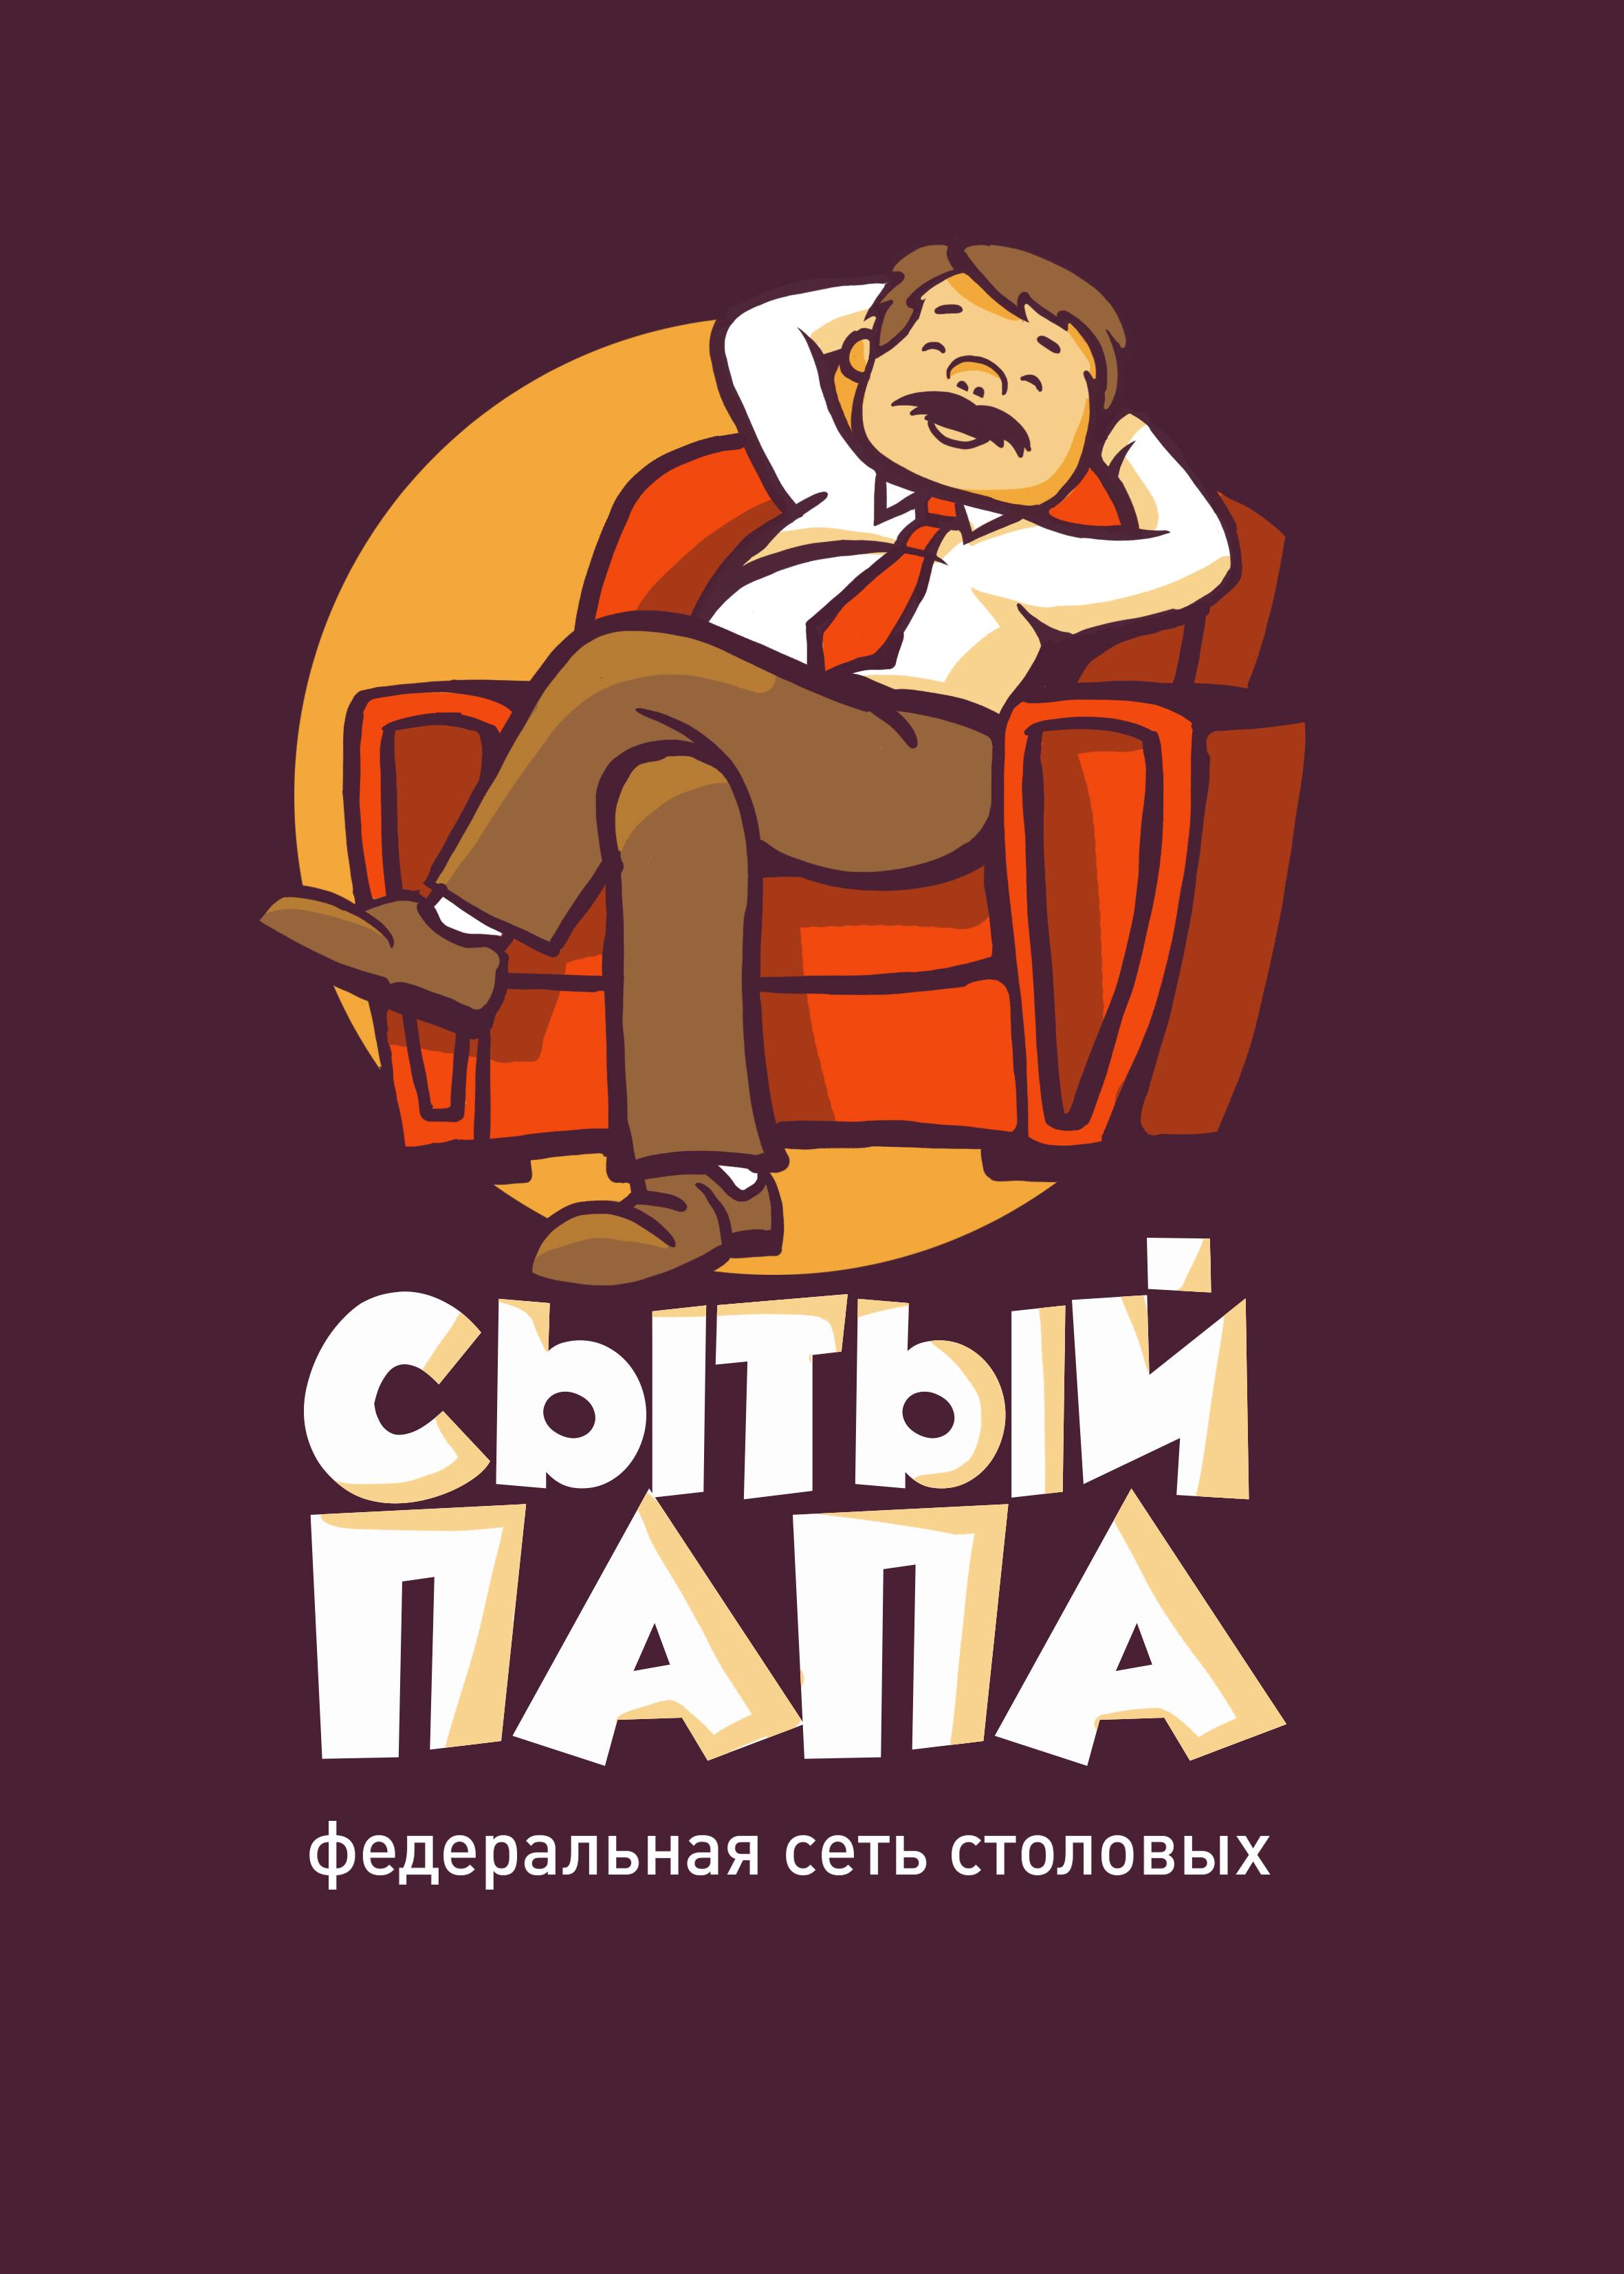 Графический дизайнер ЛОГОТИП и ФИРМЕННЫЙ СТИЛЬ фото f_4515e7709320a235.jpg